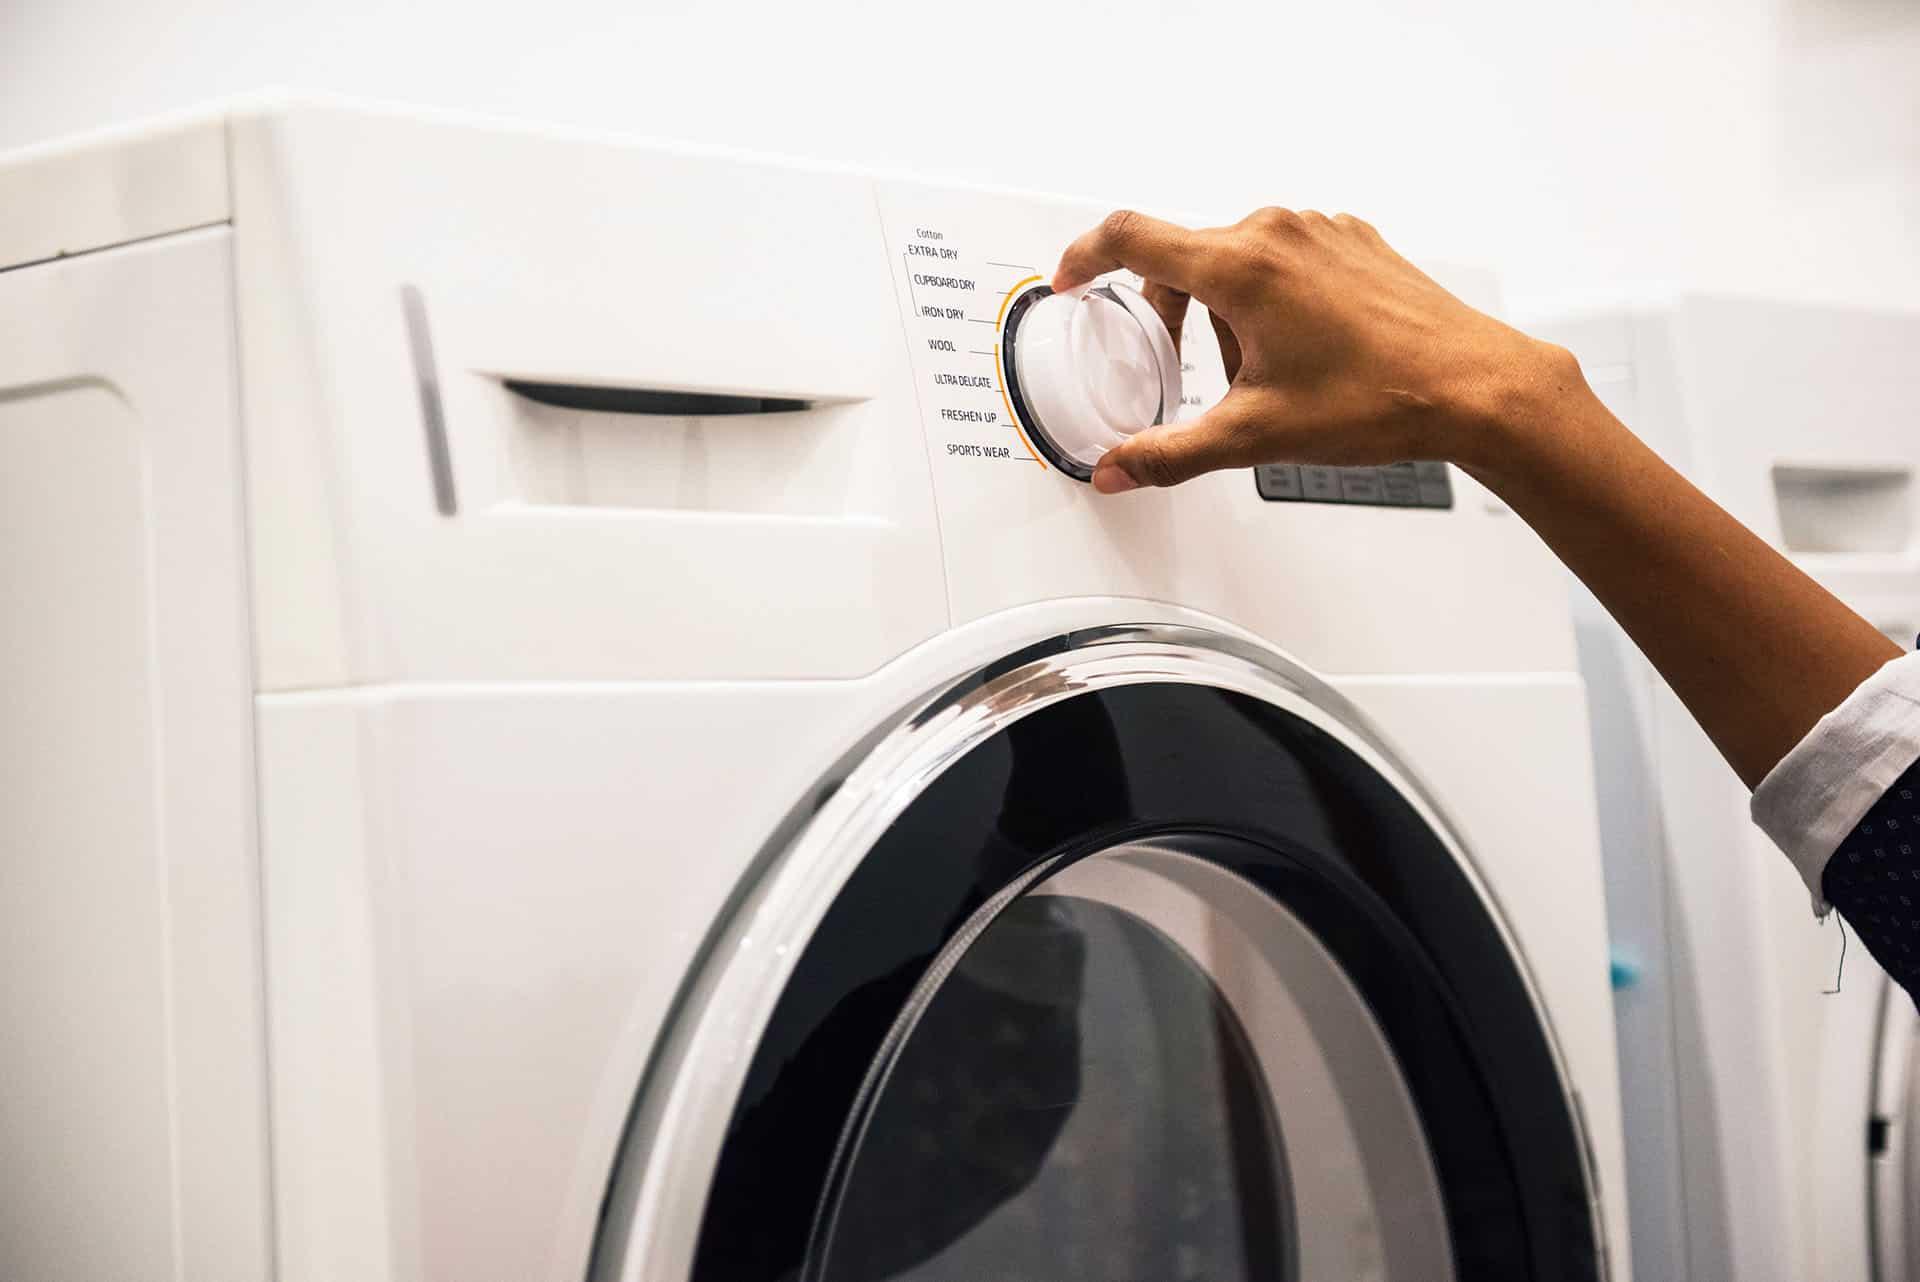 wd 40 thuisklussen wasmachine lubrification machine charniere 1